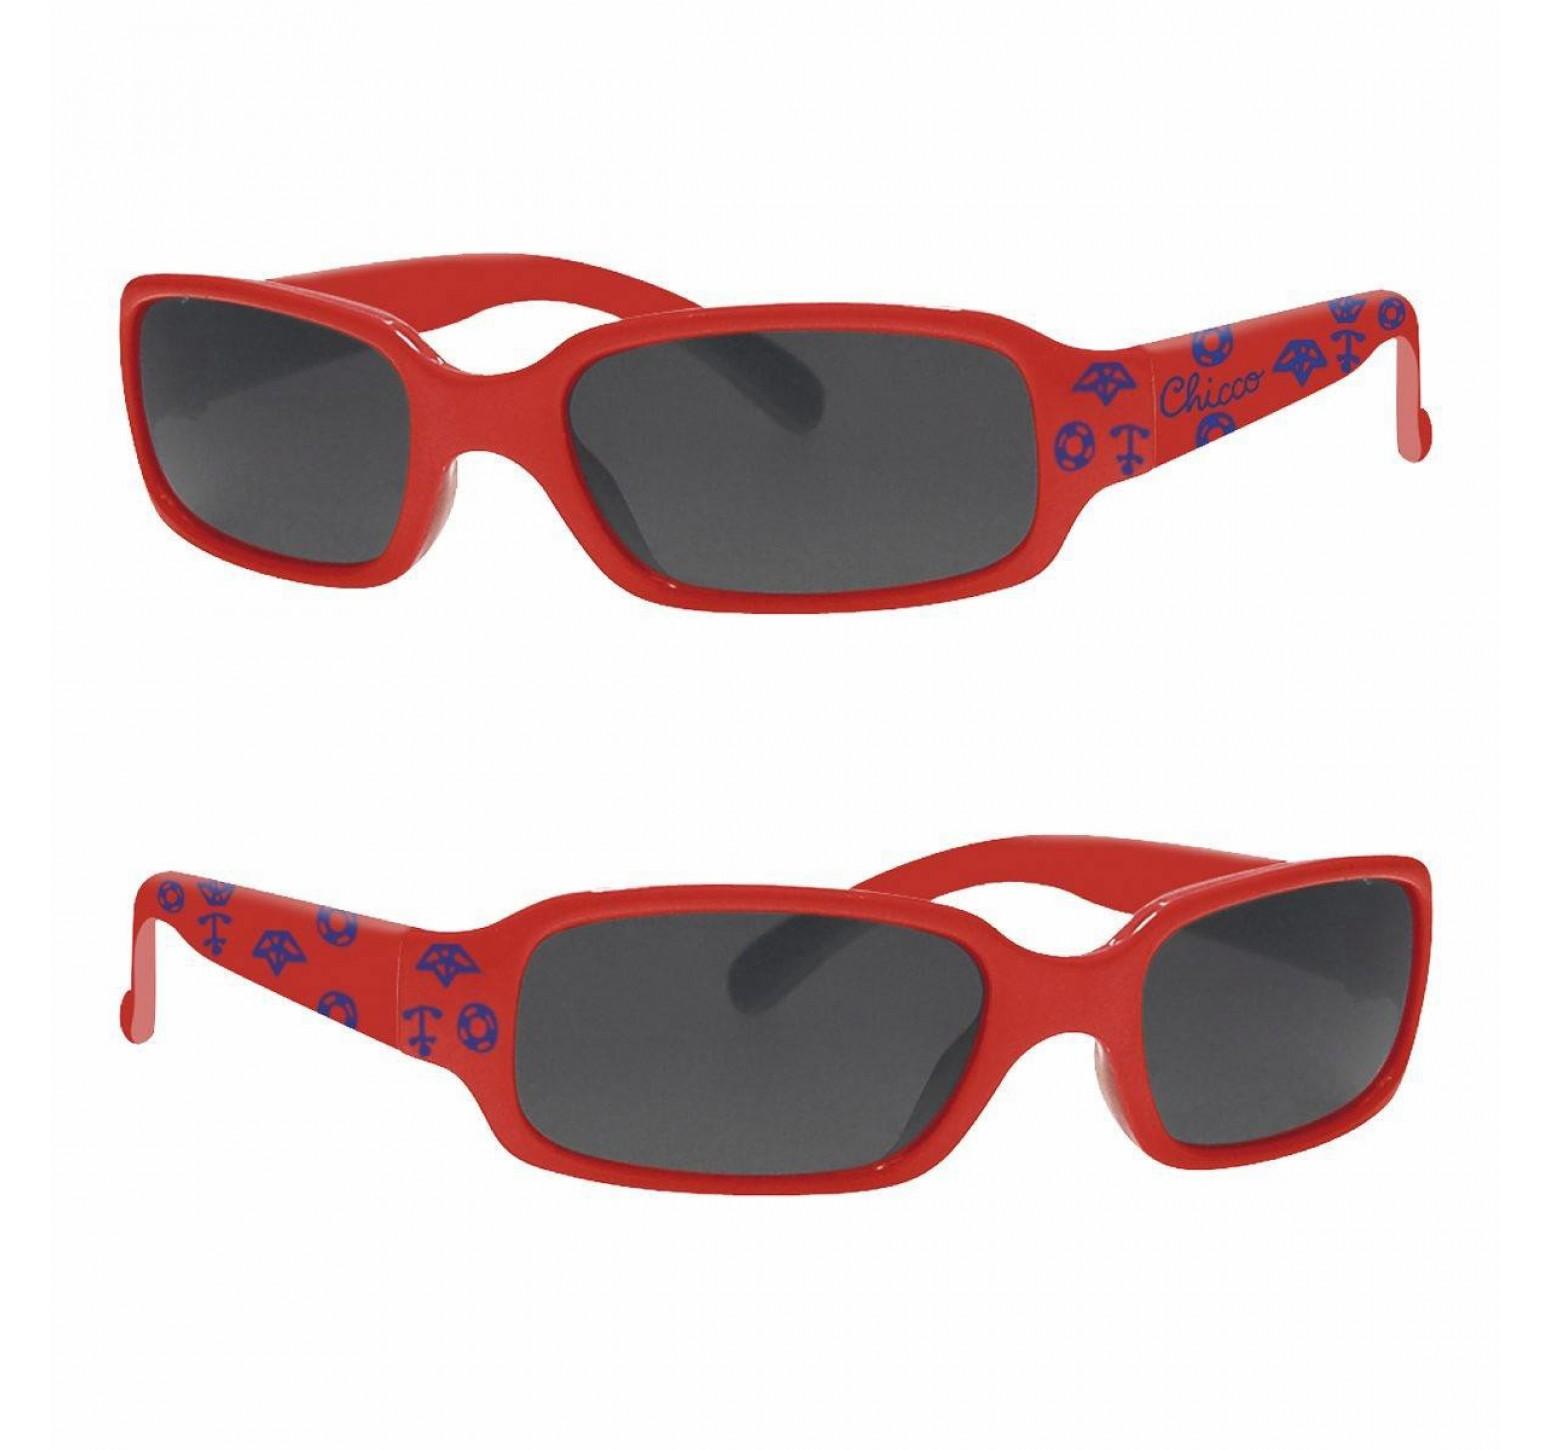 Chicco Lentes de sol Eros 12m+ (rojo)